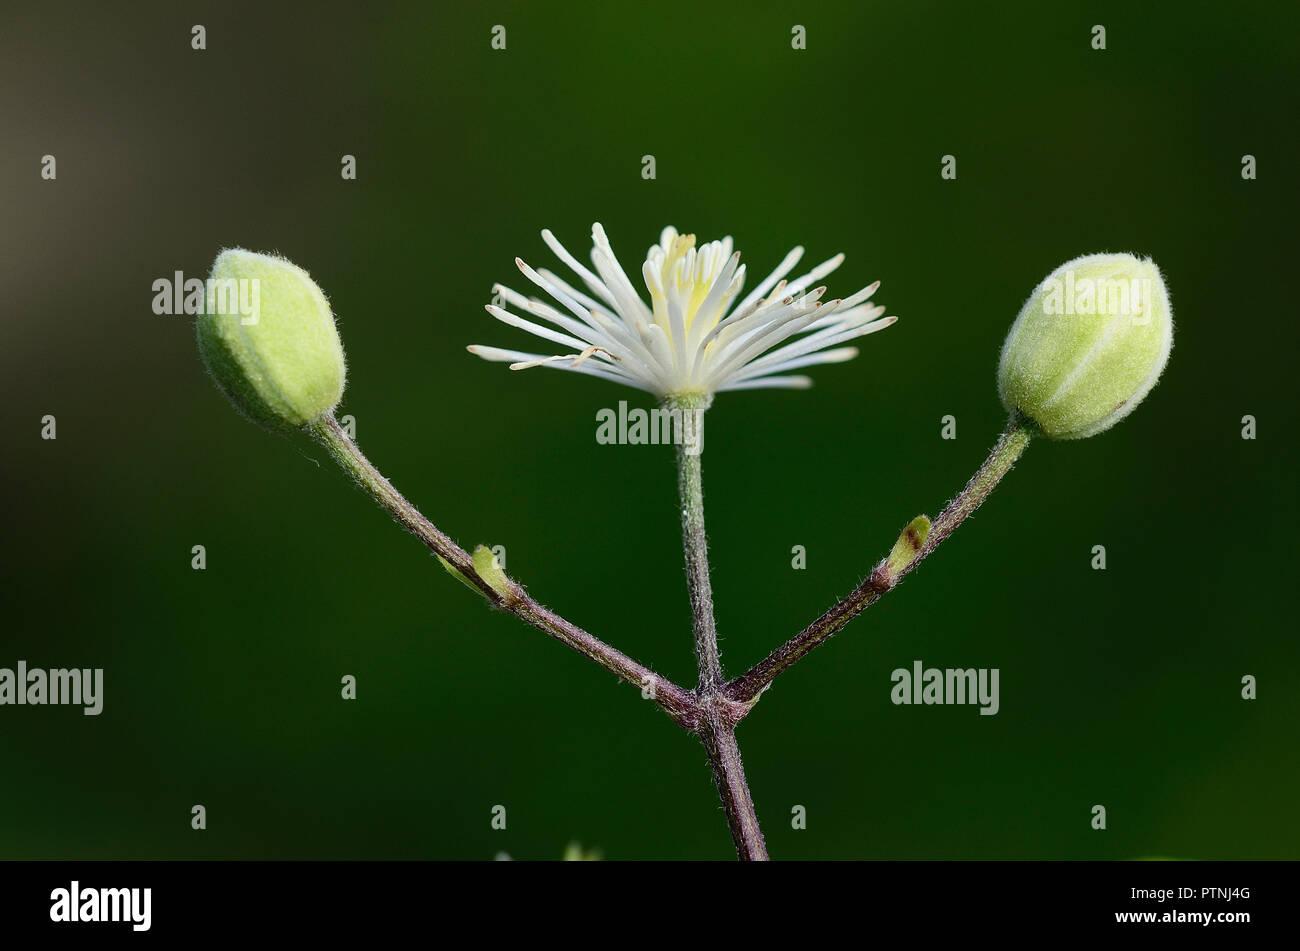 Traveller's joy in flower - Stock Image